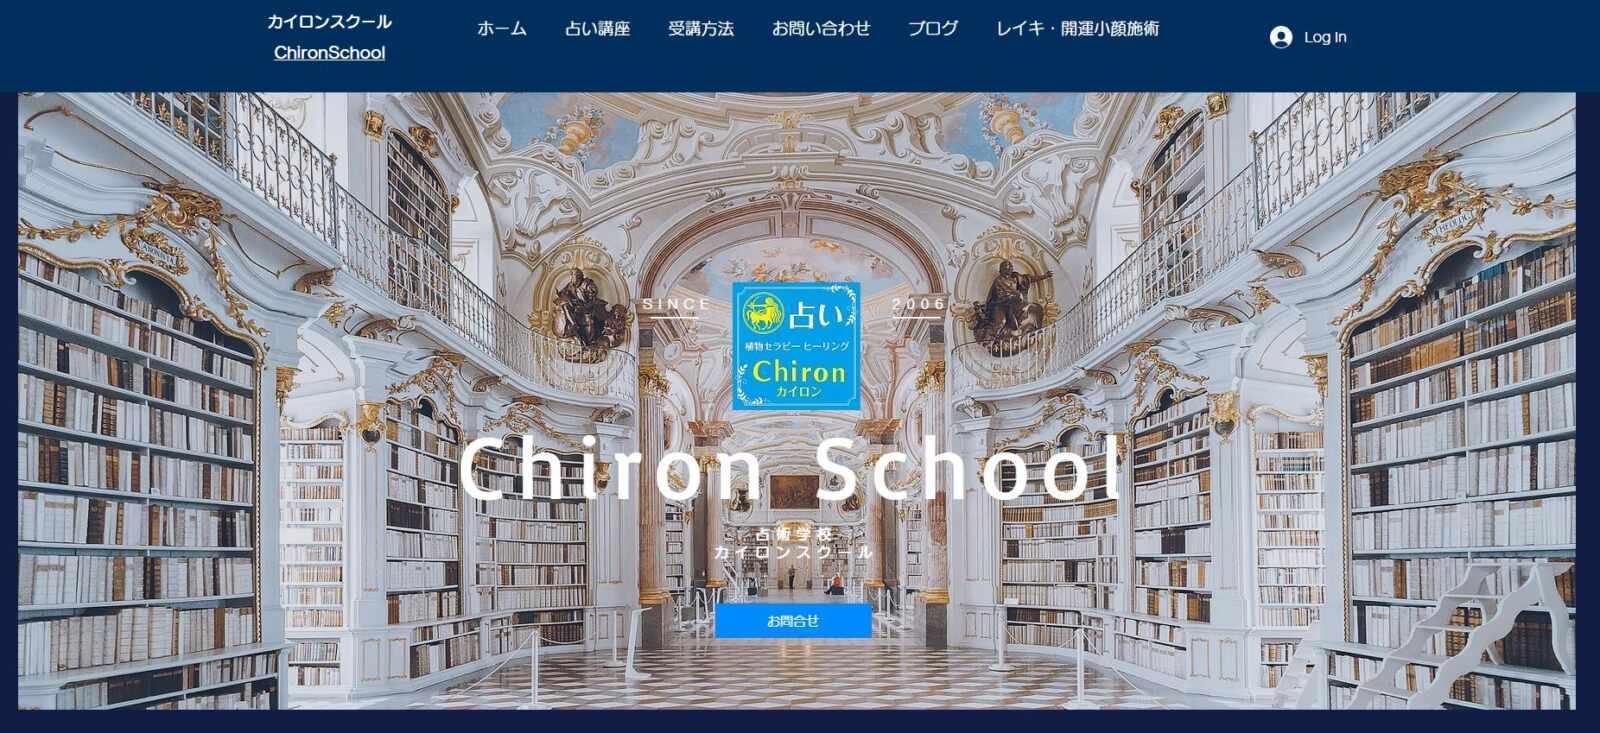 カイロン占い学校